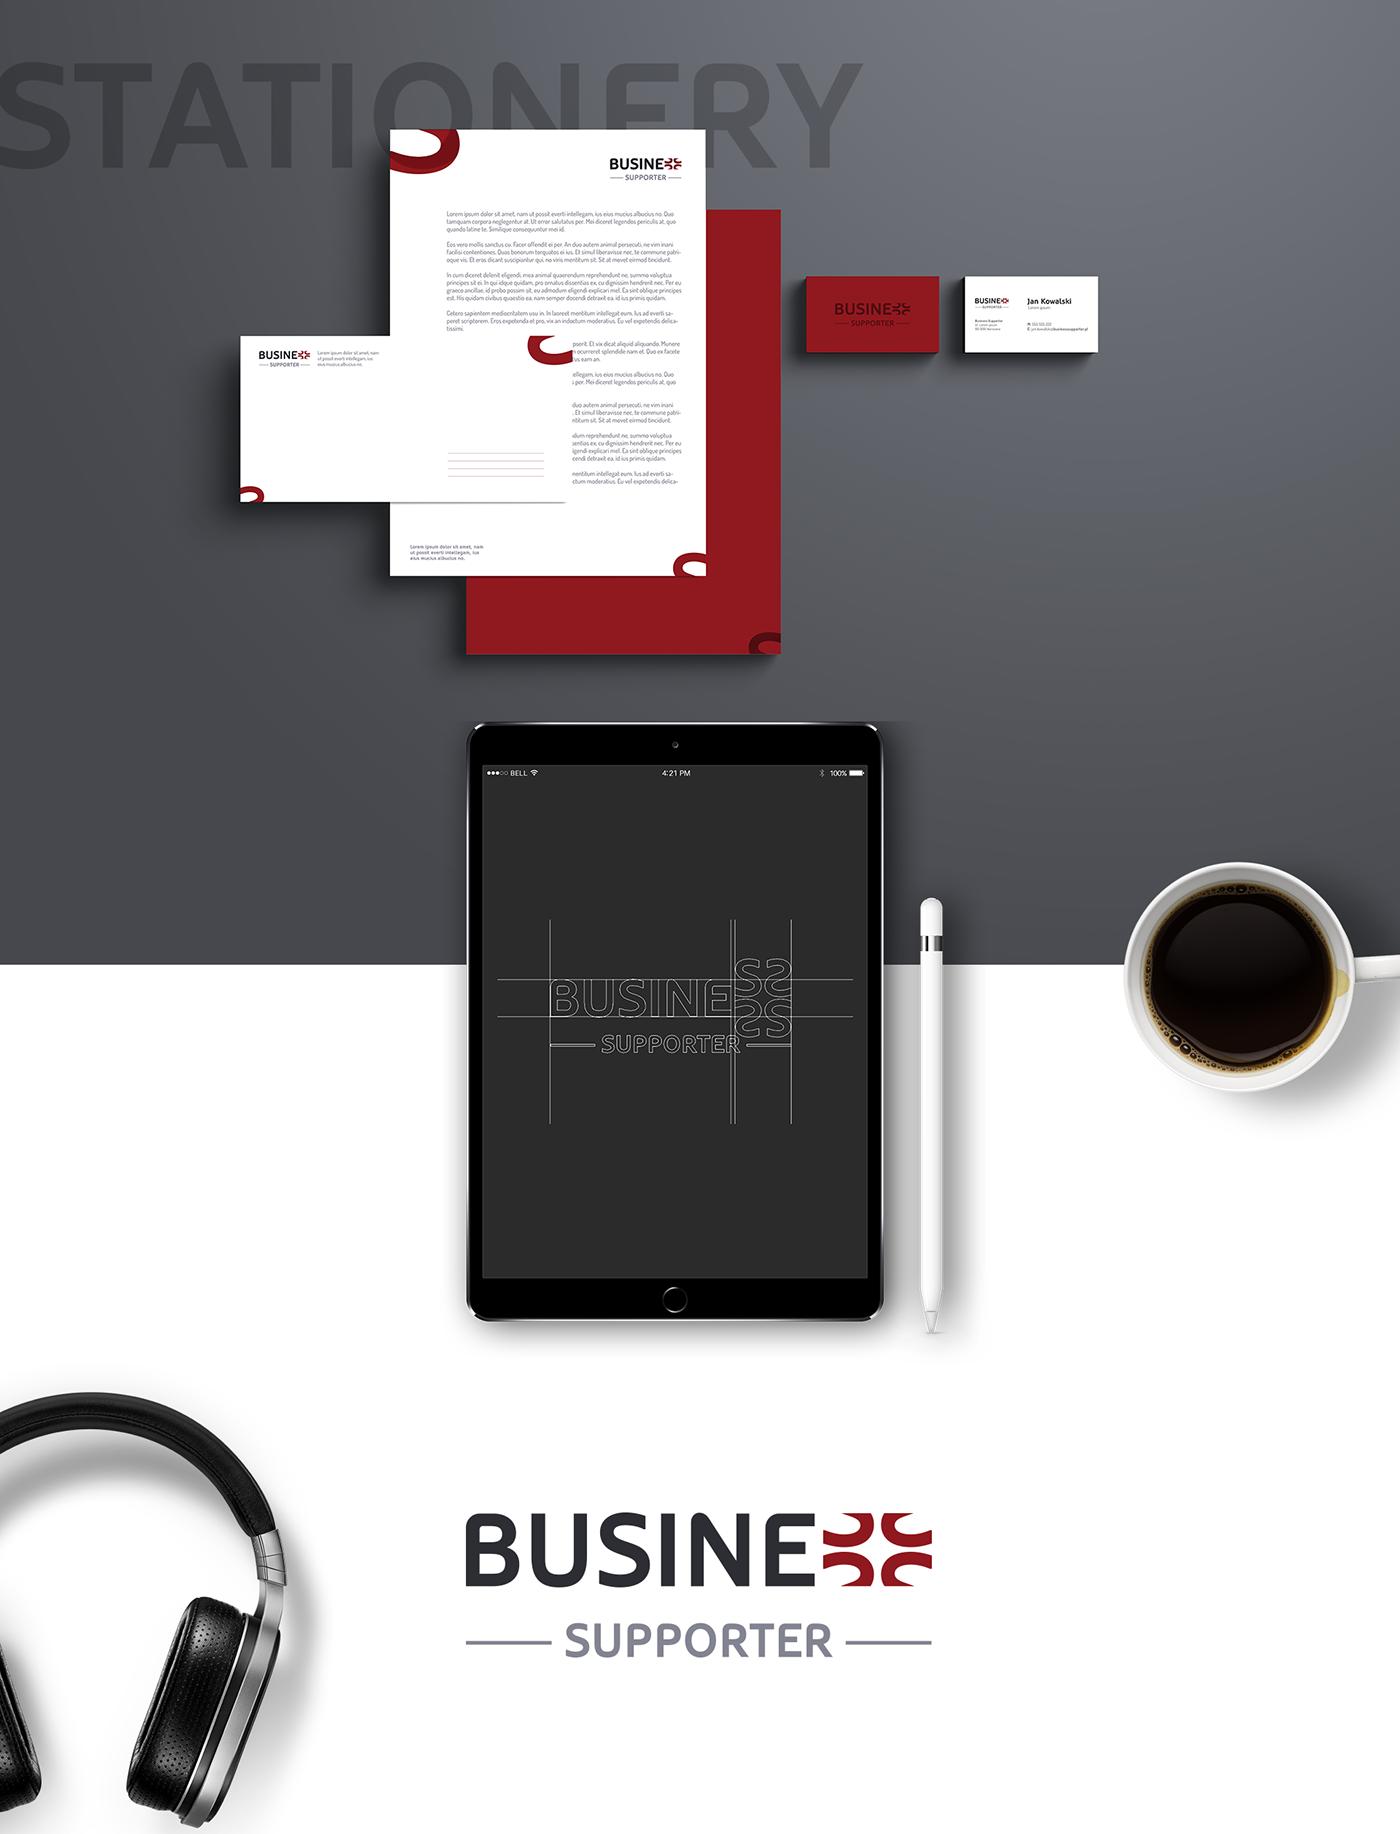 identity brand logo paper presentation iPad Stationery